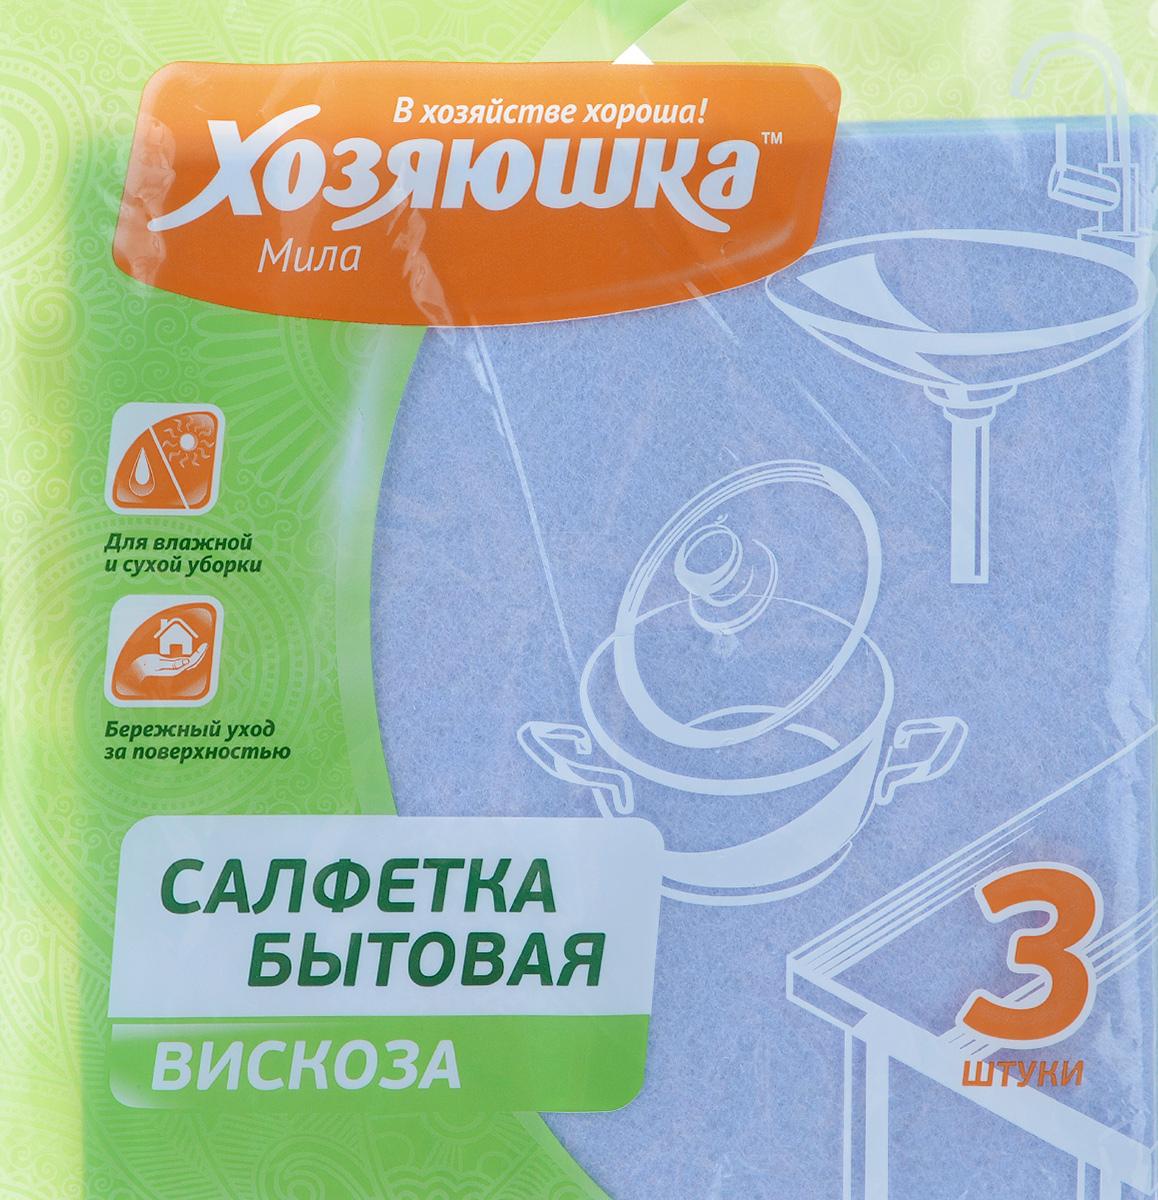 Салфетка бытовая Хозяюшка Мила, 35 см х 35 см, 3 шт. 04001K100Салфетка бытовая Хозяюшка Мила, выполненная из вискозы и полиэстера, хорошо впитывает влагу и легко выжимается. Отлично удаляет пыль, не оставляет разводов и ворсинок. Салфетка может использоваться для ухода за всеми видами поверхностей: деревянной и ламинированной мебели, кухонной мебели, кафеля, раковин.Размер салфетки: 35 см х 35 см.Комплектация: 3 шт.